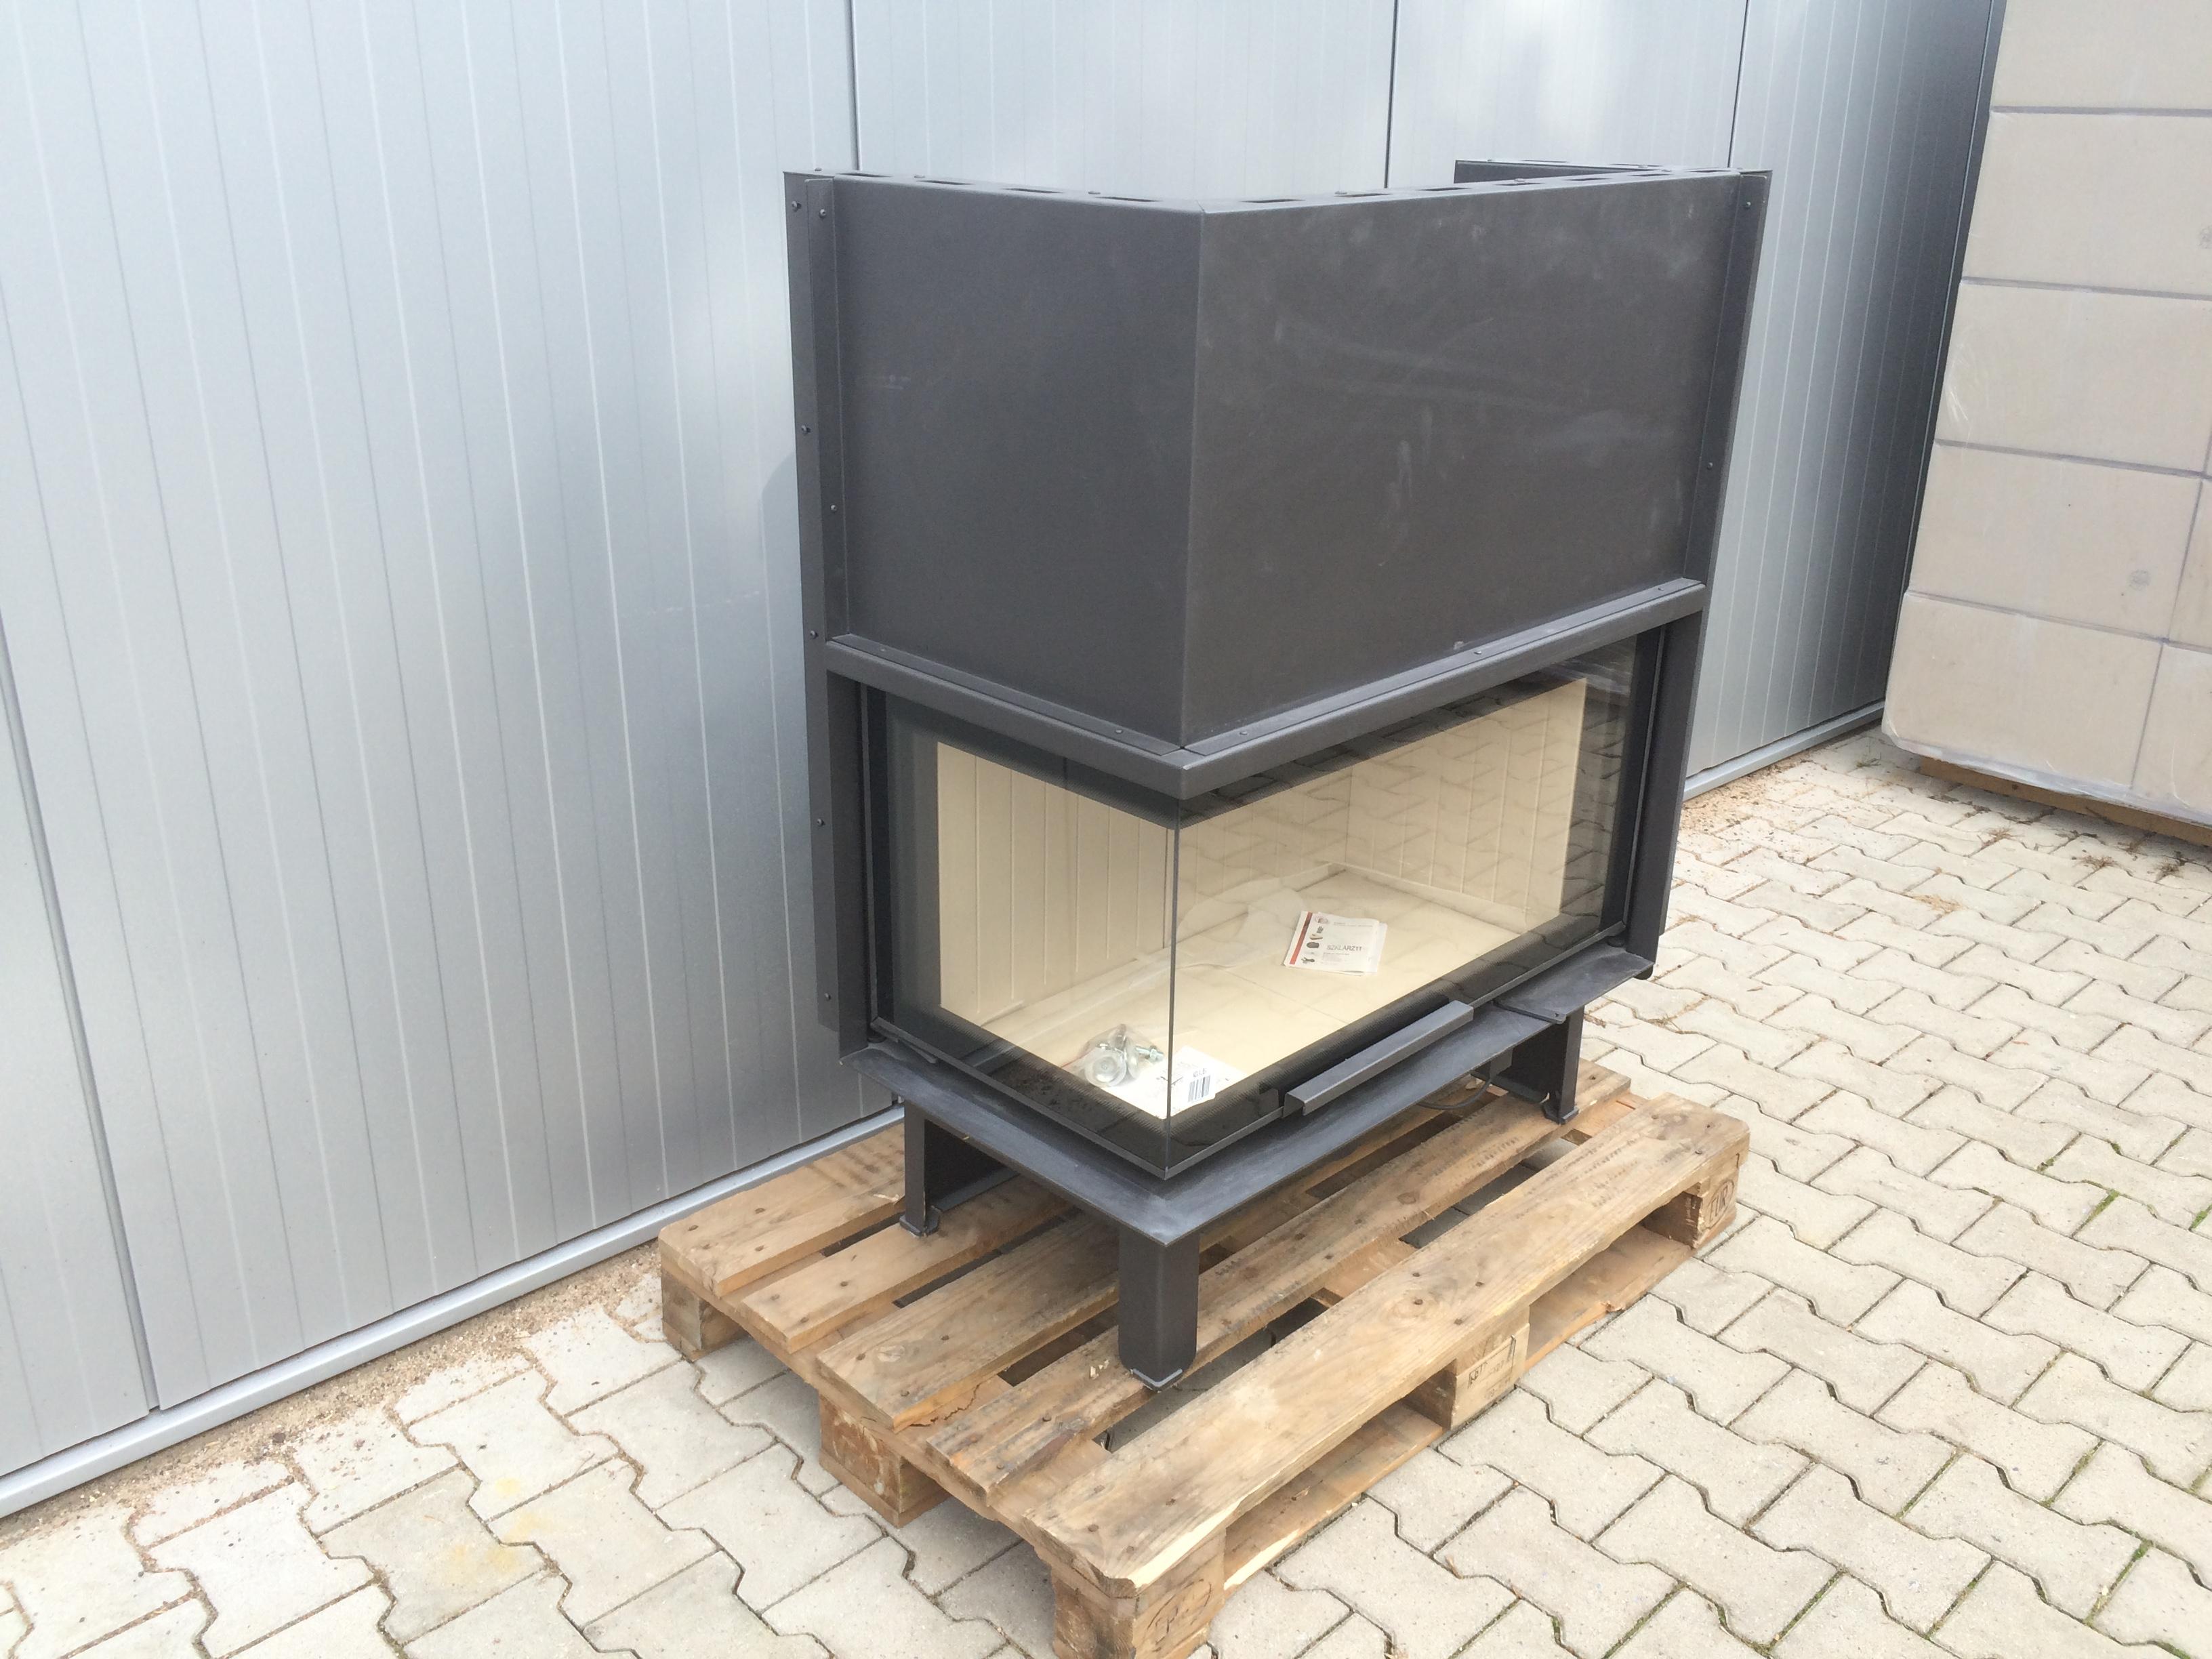 kamineinsatz modern inspirierendes design f r wohnm bel. Black Bedroom Furniture Sets. Home Design Ideas